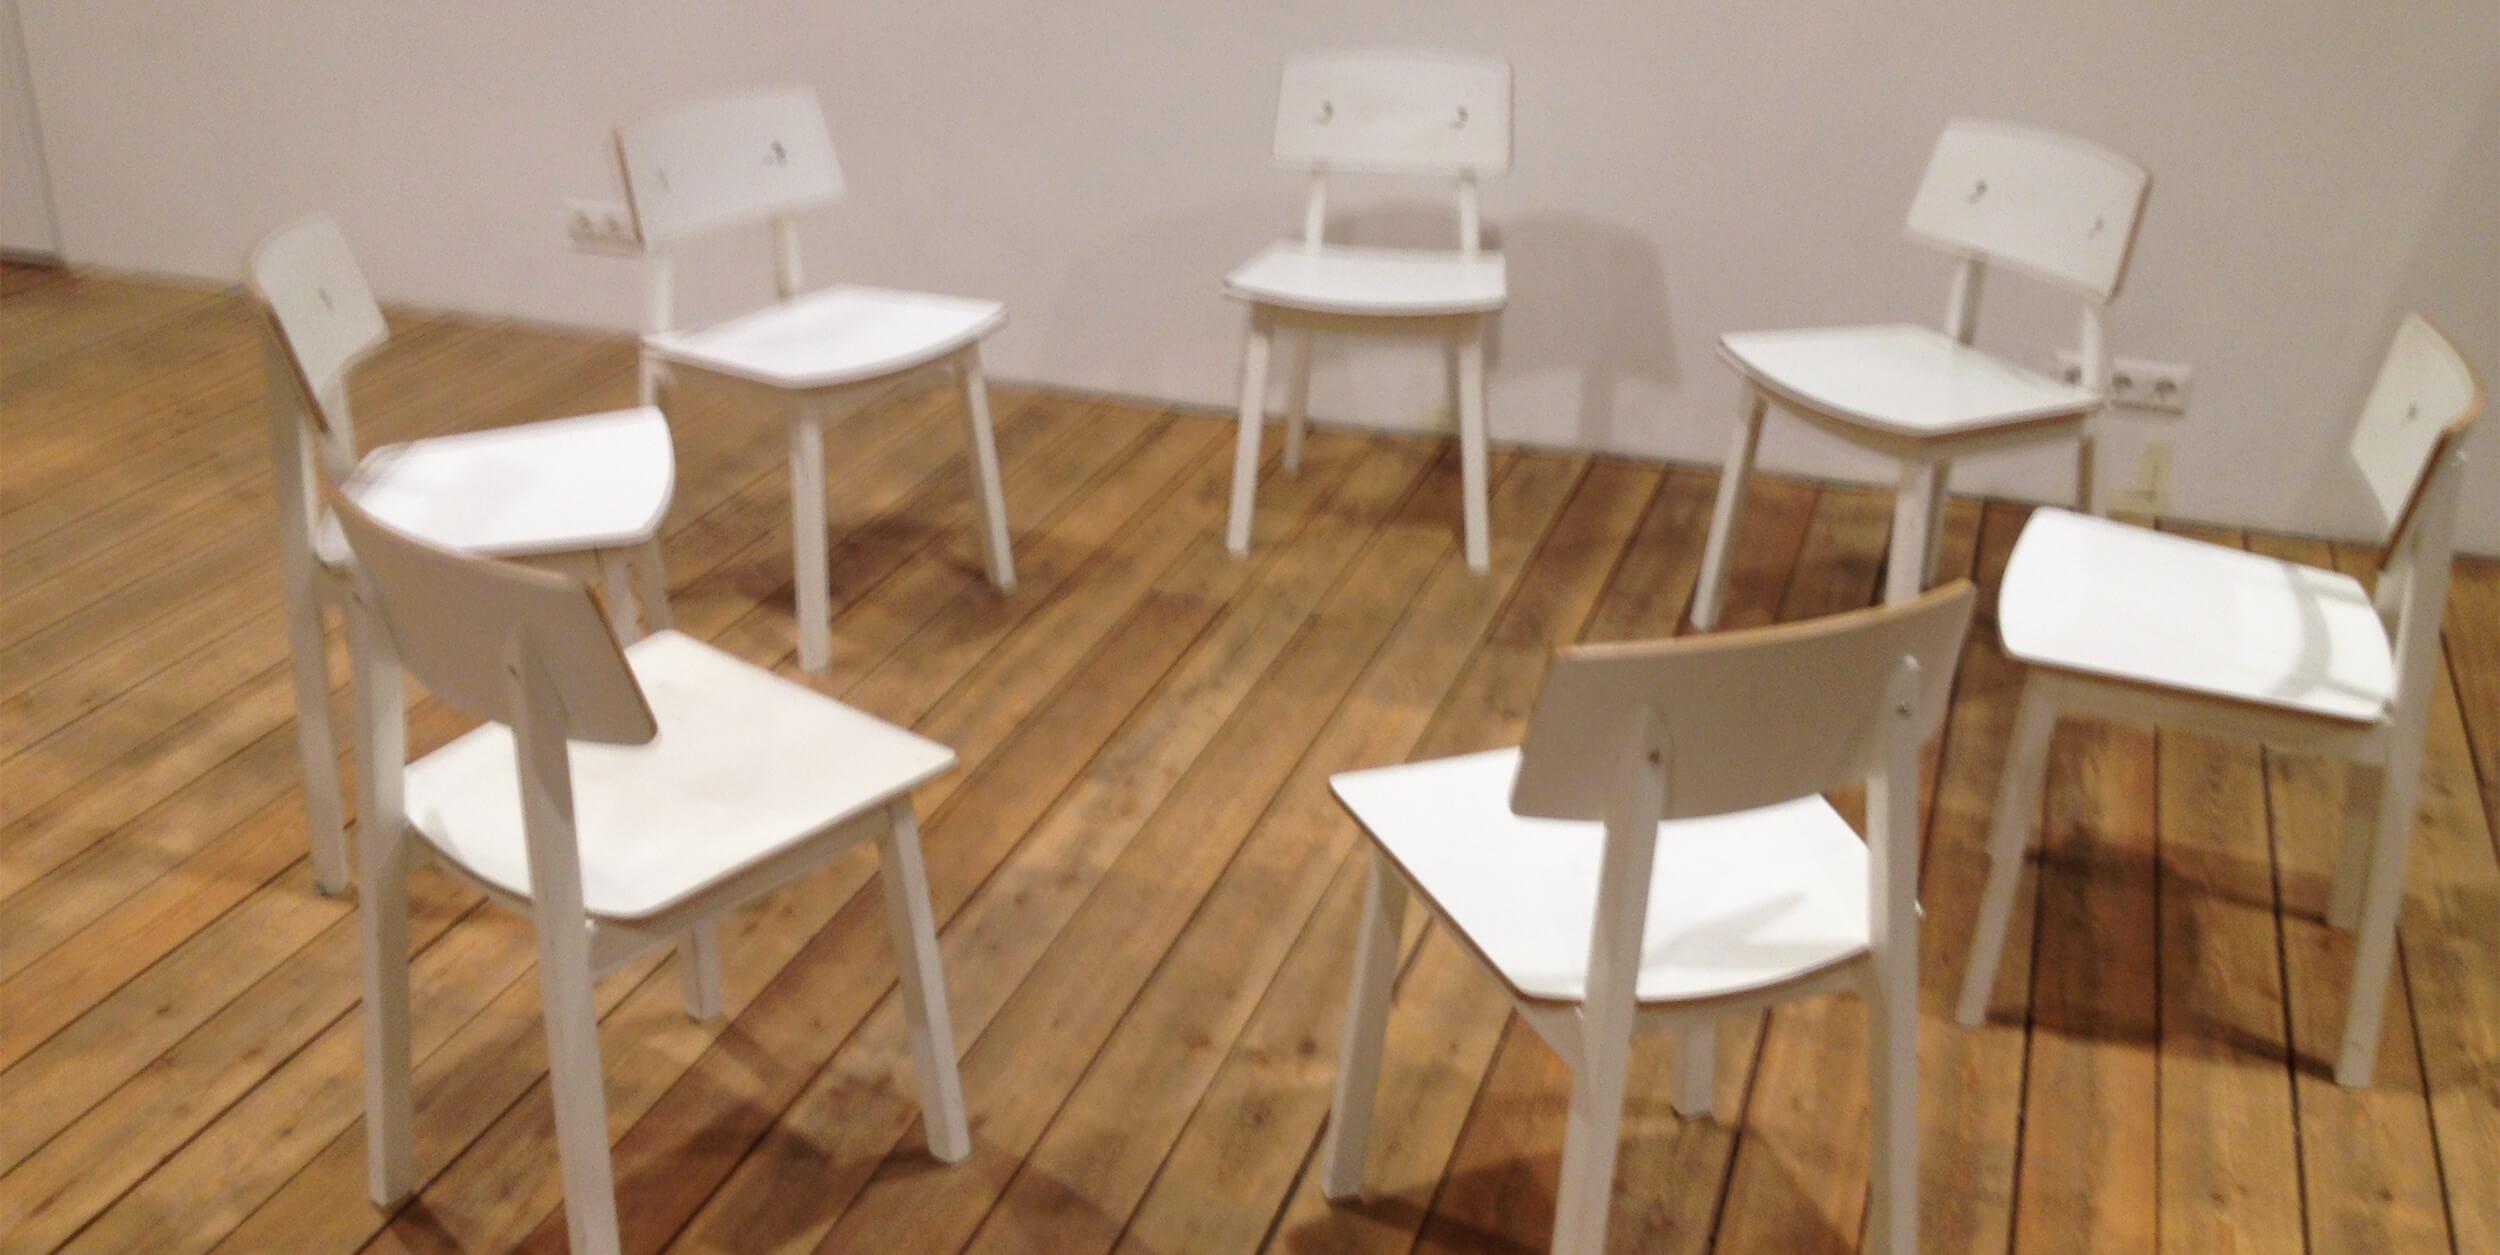 Vita stolar som står i en ring